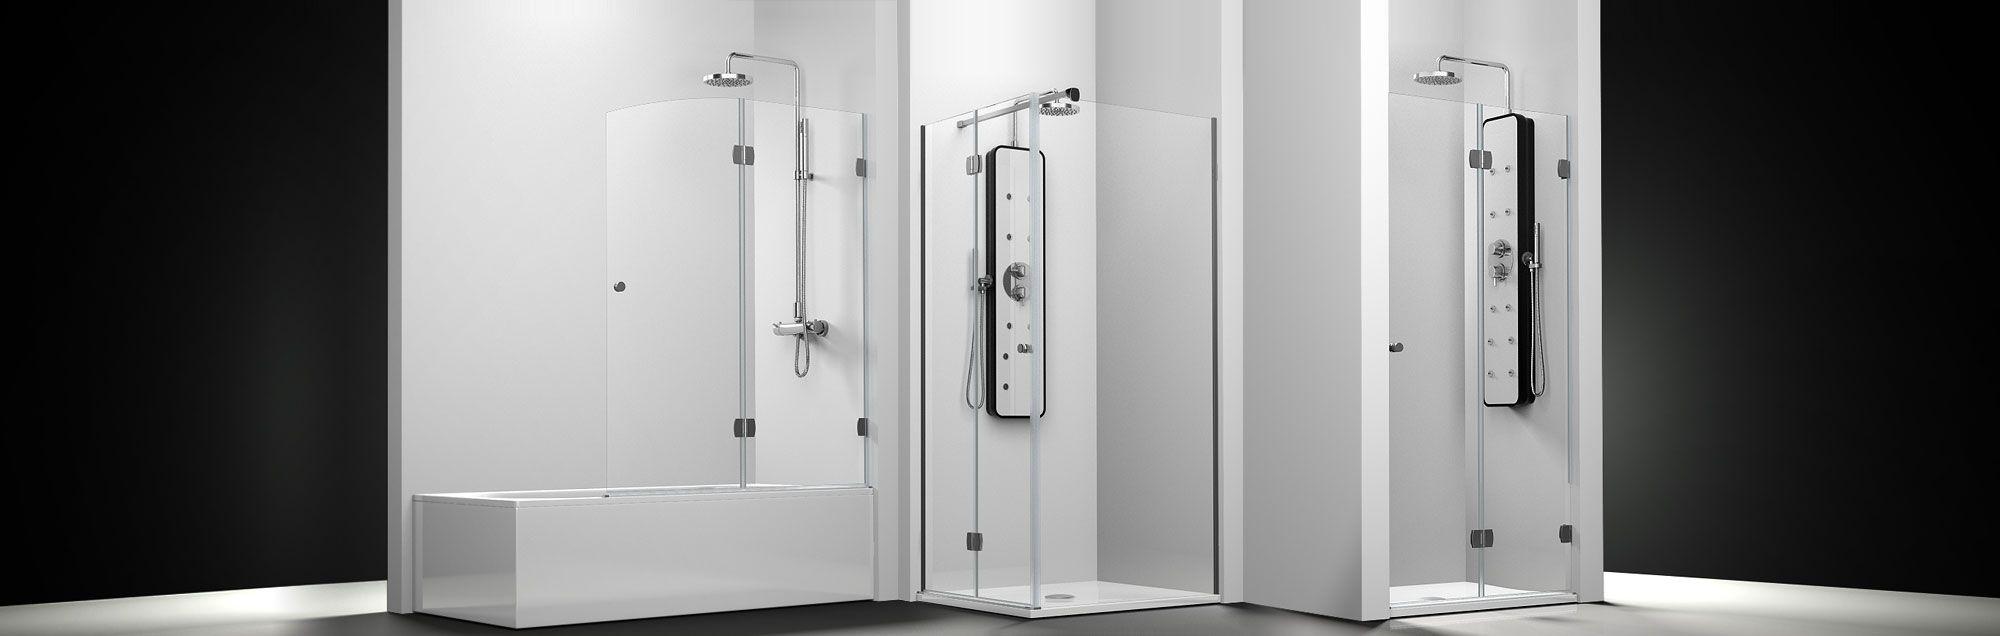 Serie Newglass de mamparas plegables de ducha a medida